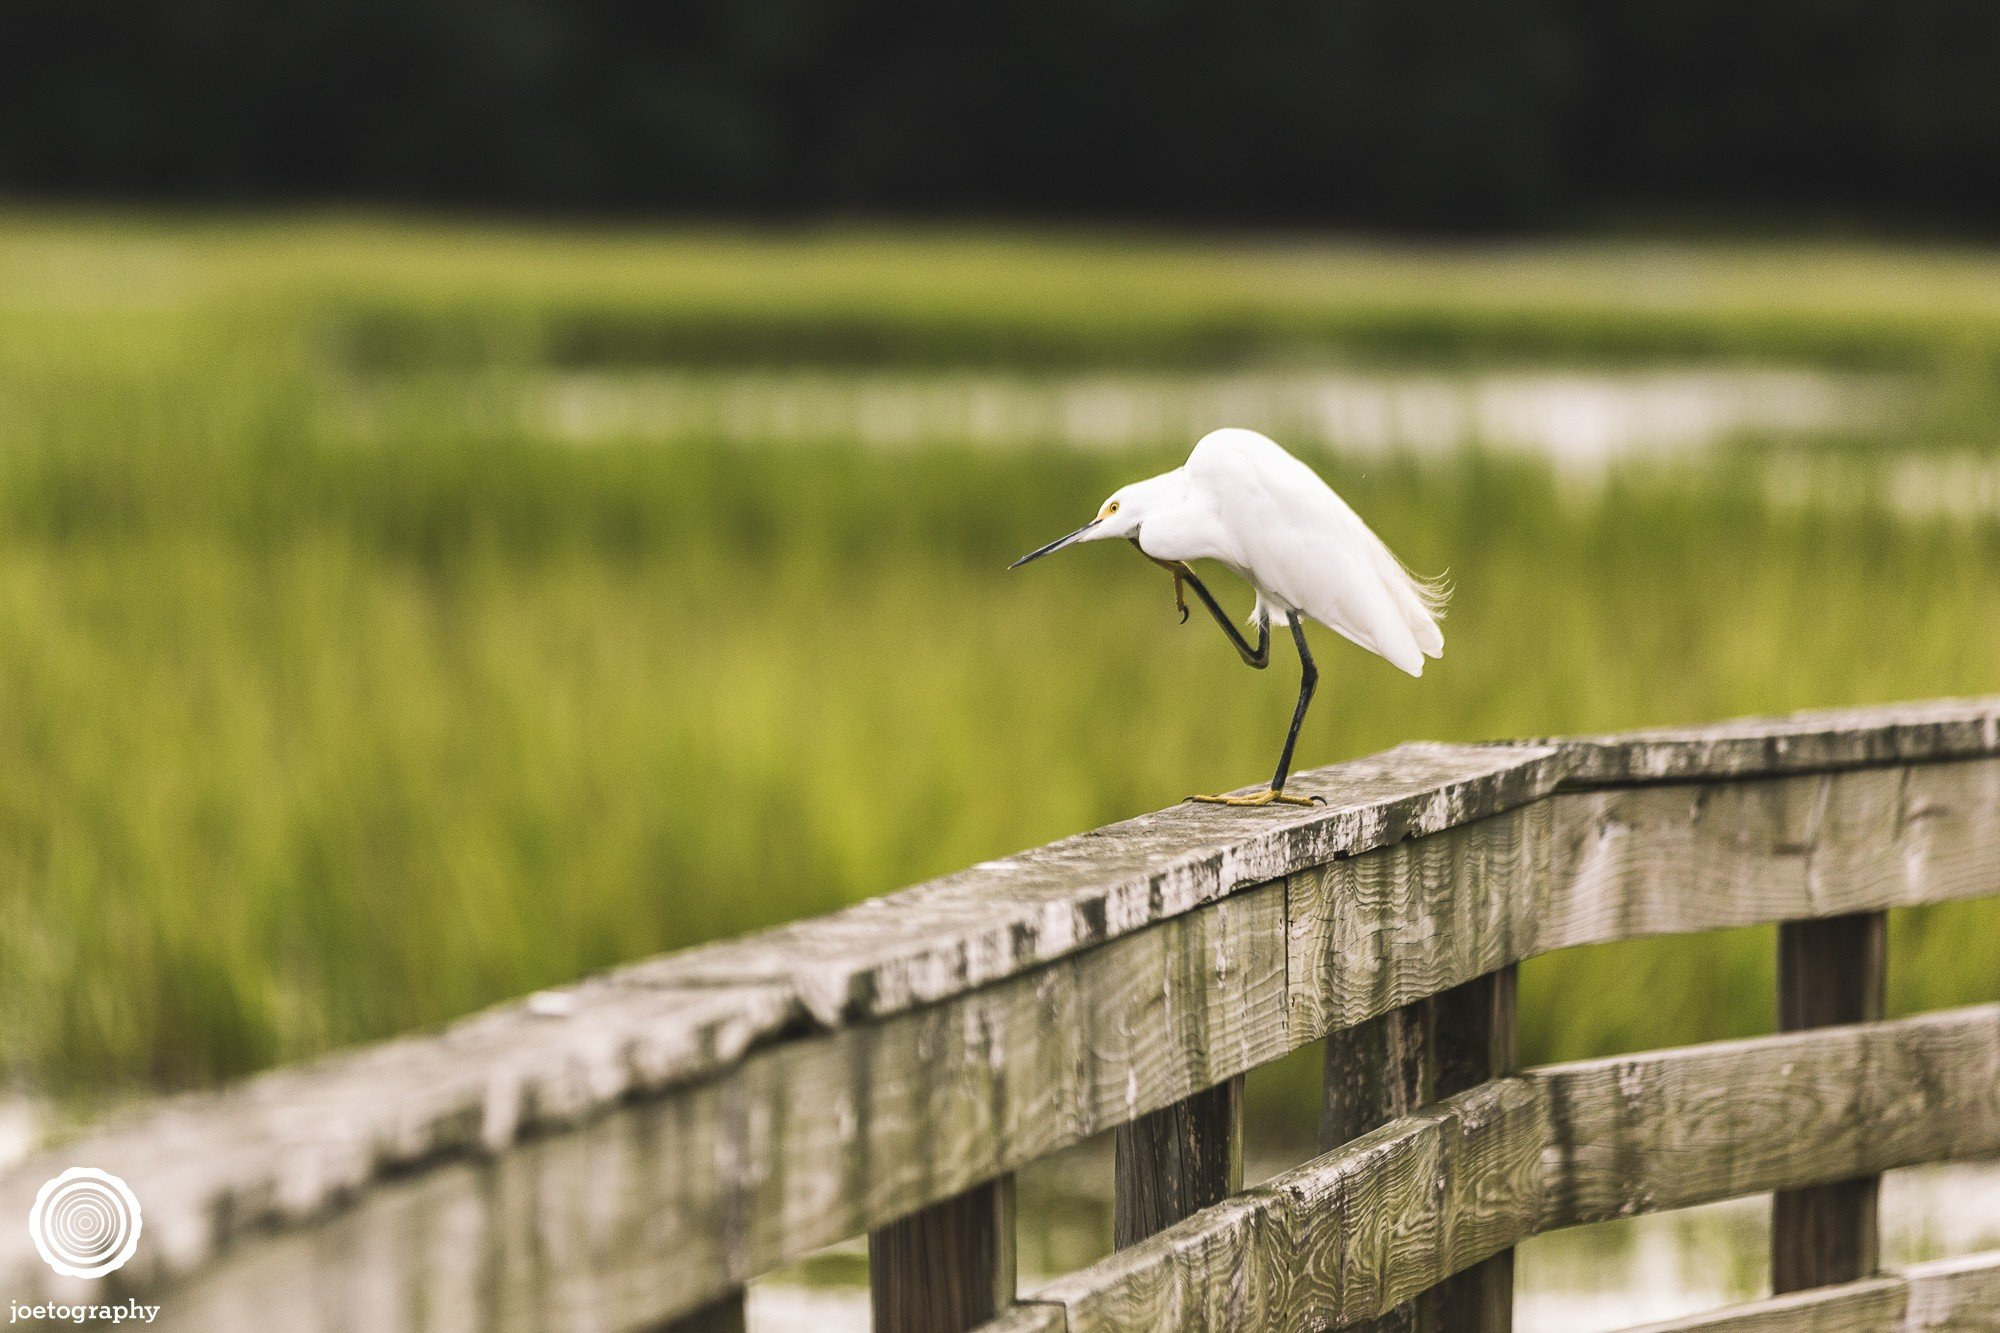 pawleys-island-south-carolina-landscape-photographer-indianapolis-23